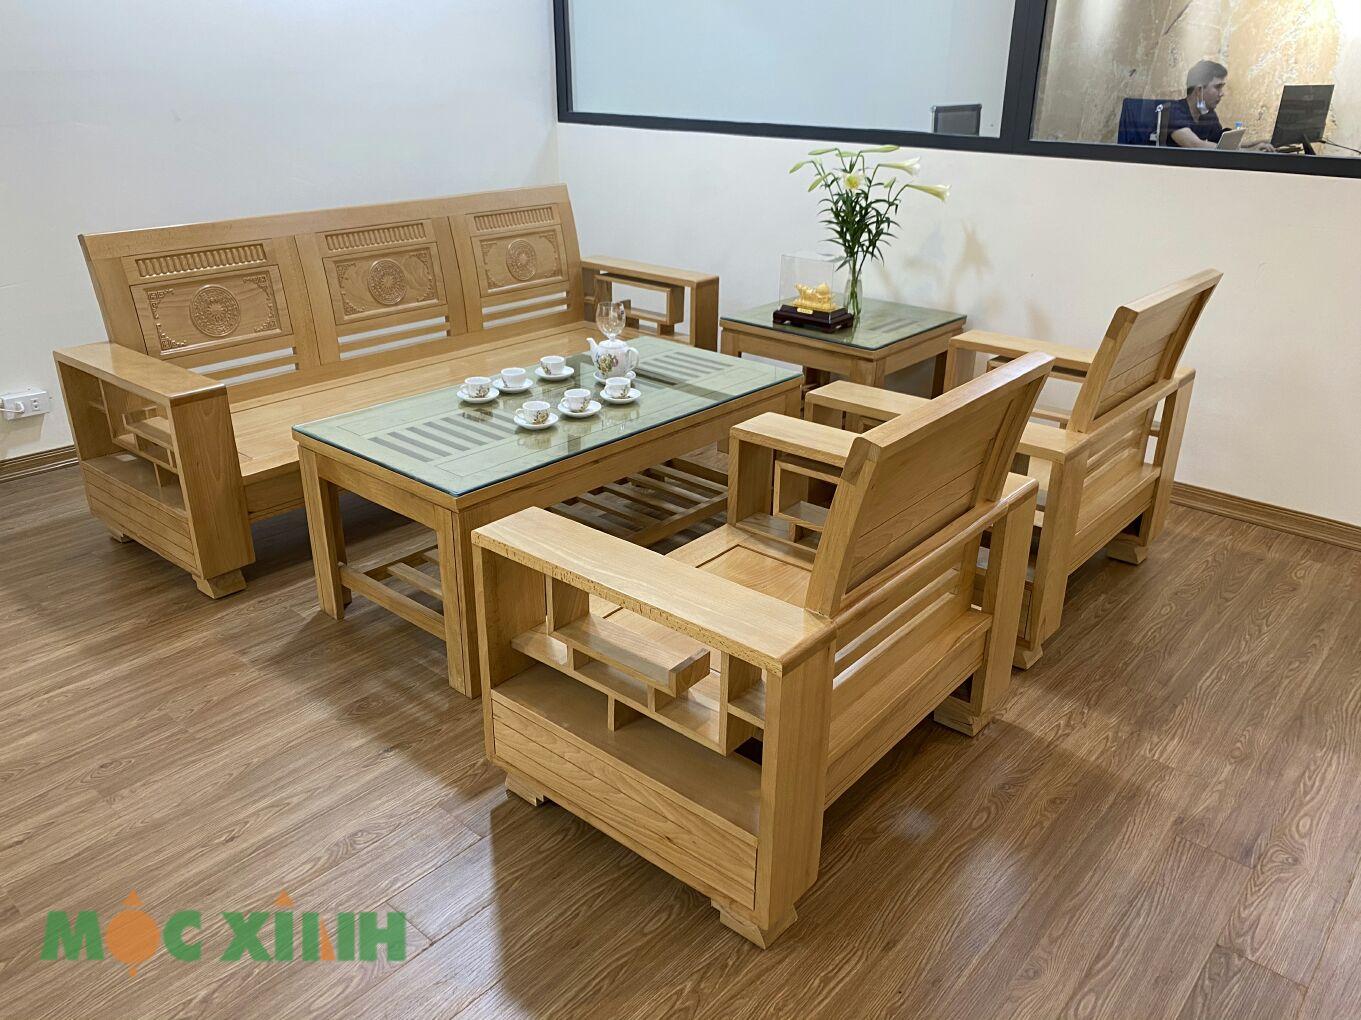 Mẫu bàn ghế phòng khách này phù hợp với nhiều không gian